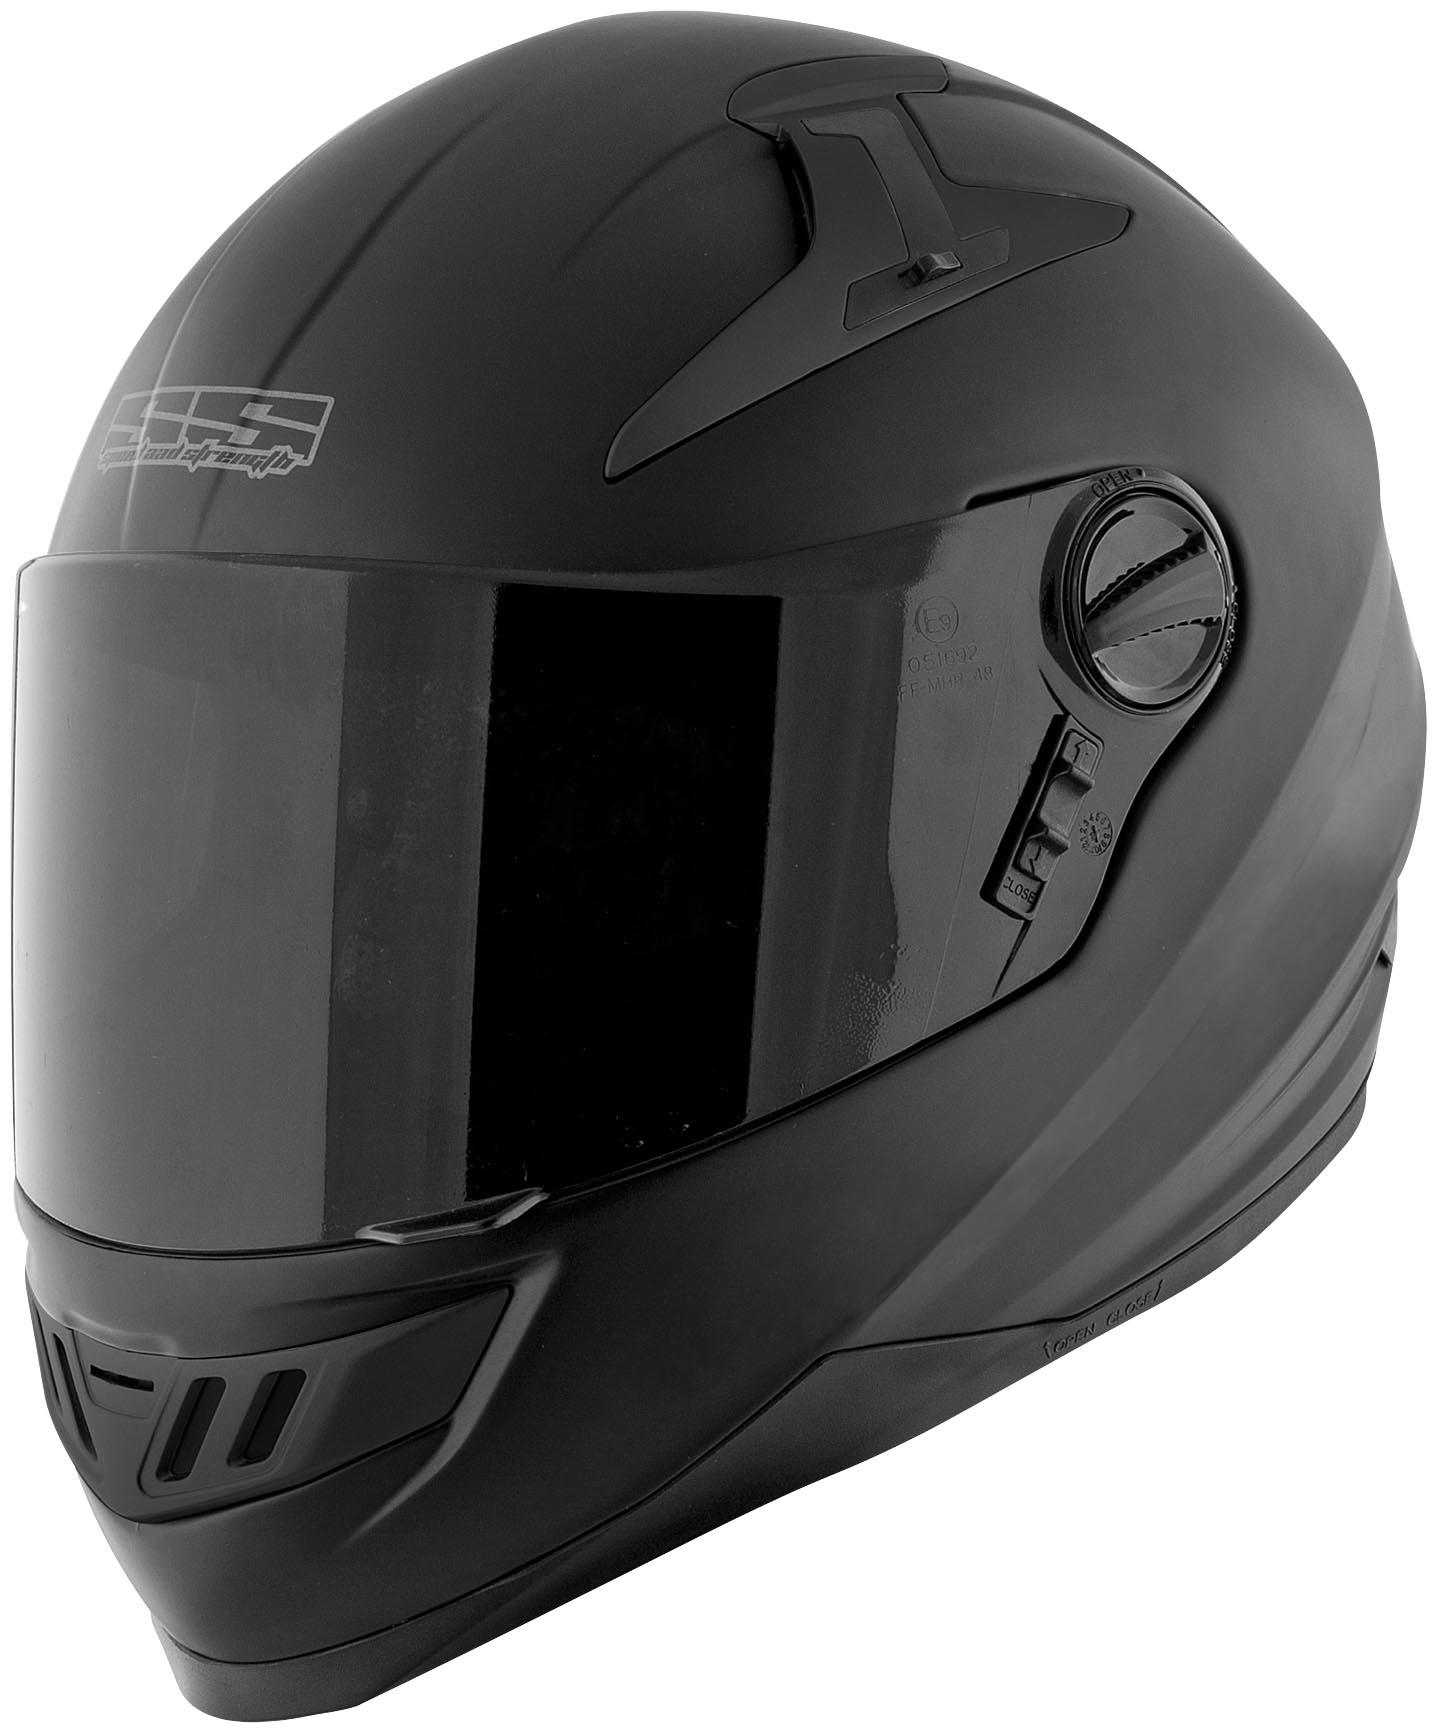 Cool Black Motorcycle Helmets